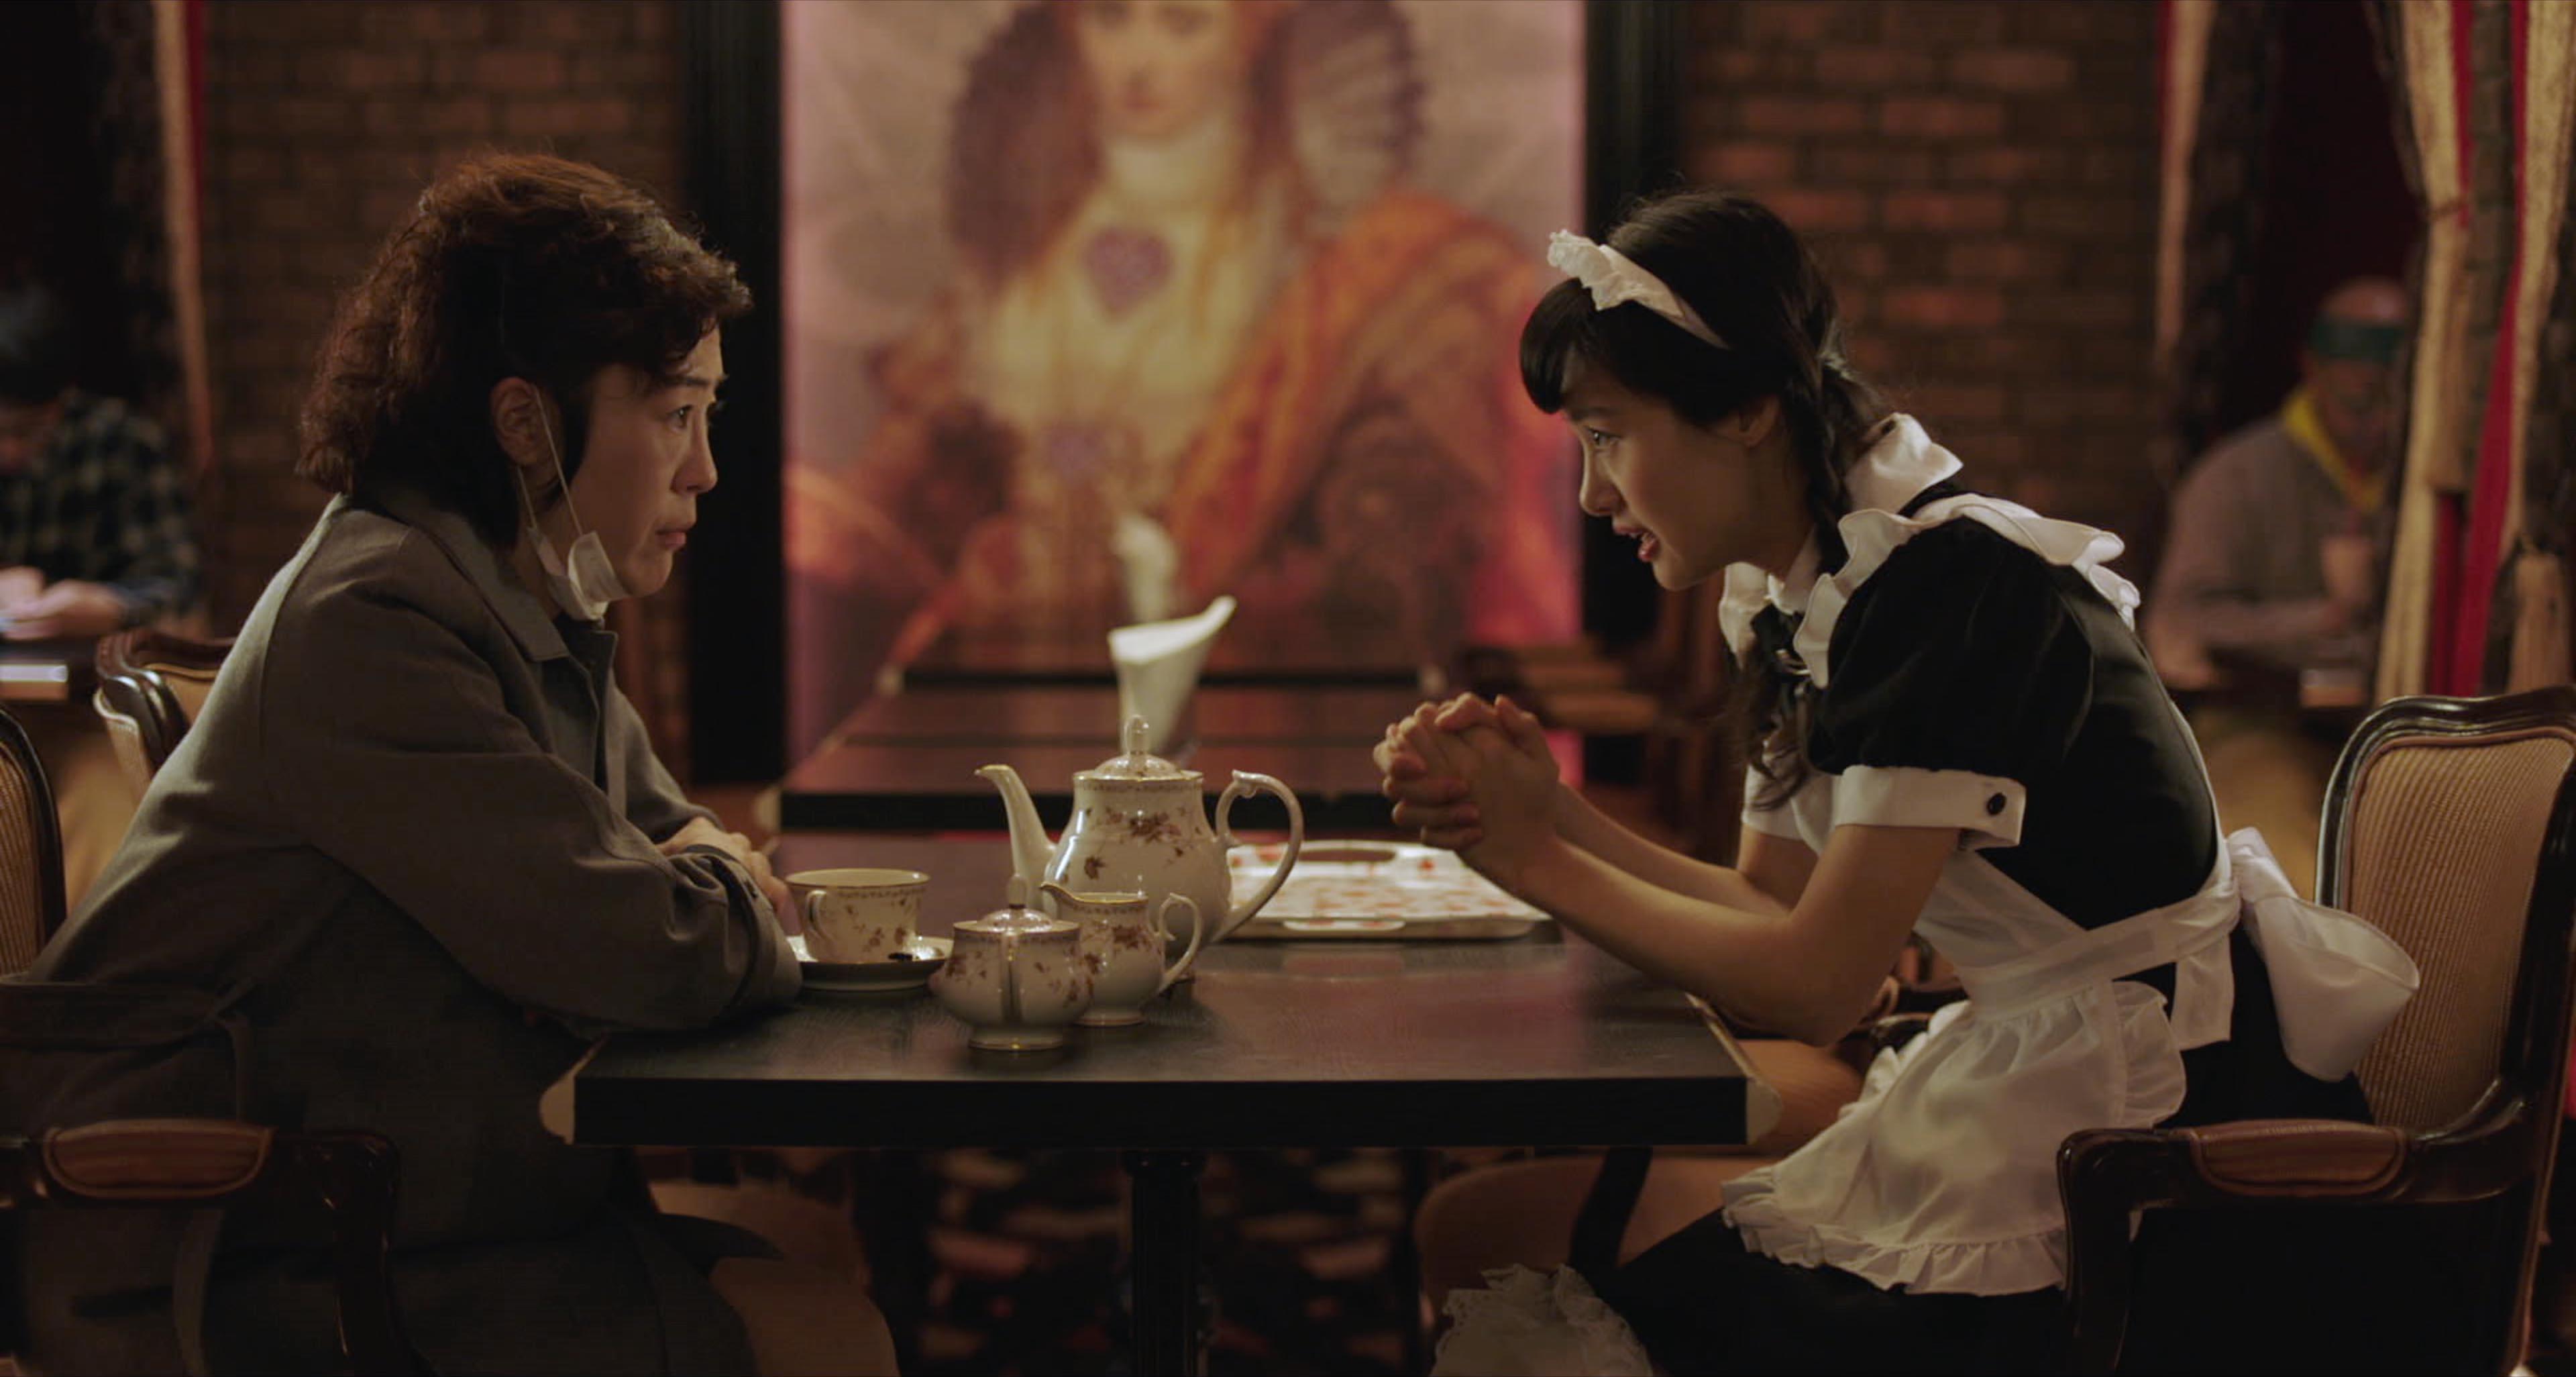 忽那汐里 在《 喔!露西 》中的 女僕 打扮。